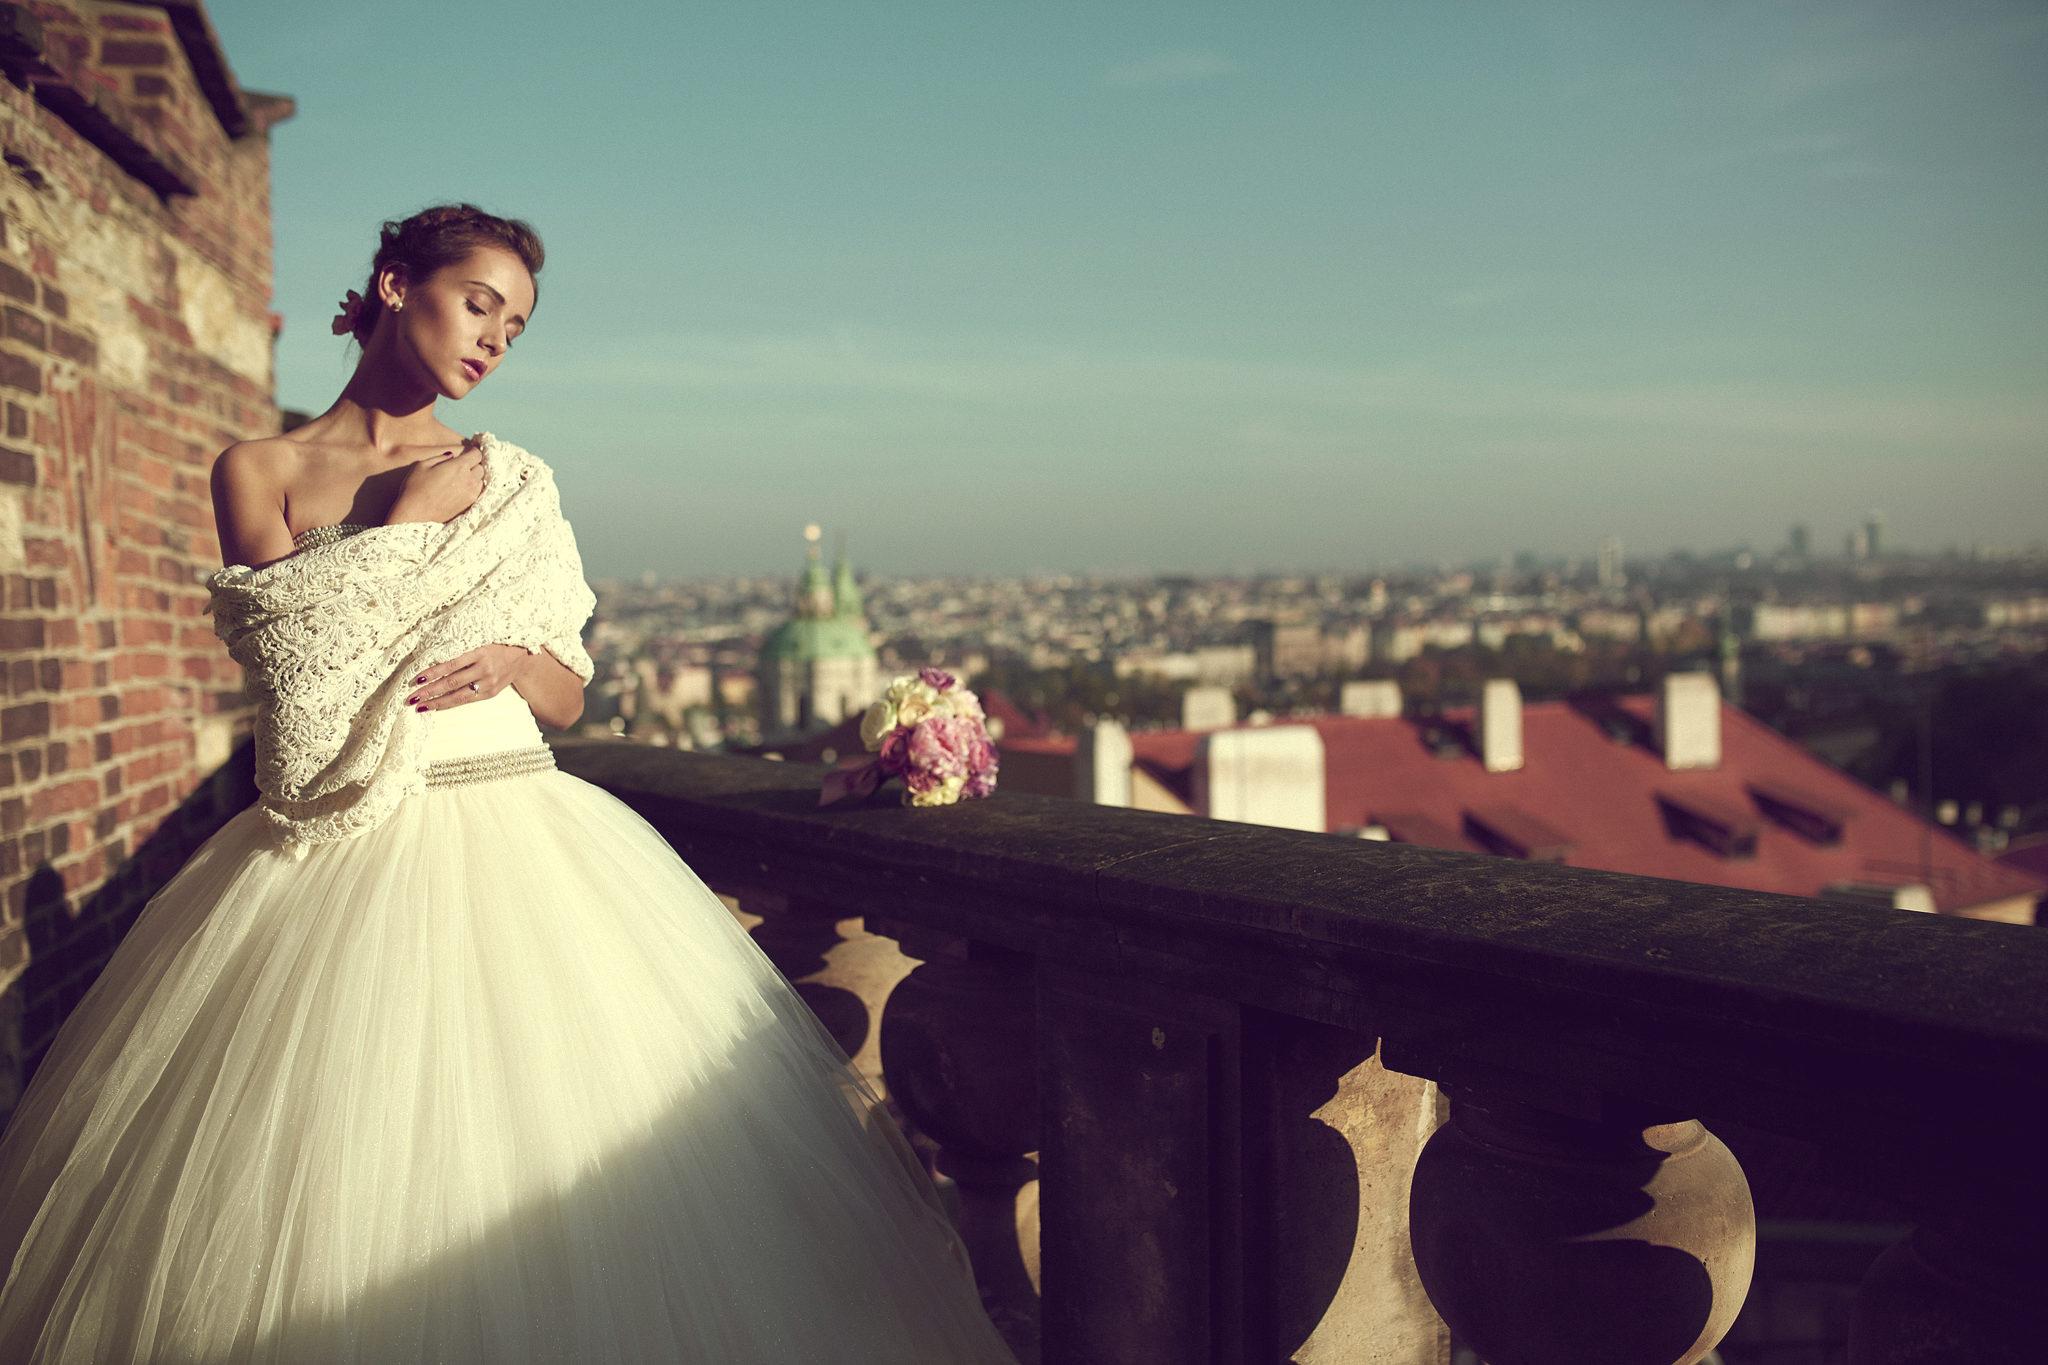 Česká módna návrhárka Anna Svobodová predstavila svoju autorskú kolekciu svadobných šiat 1